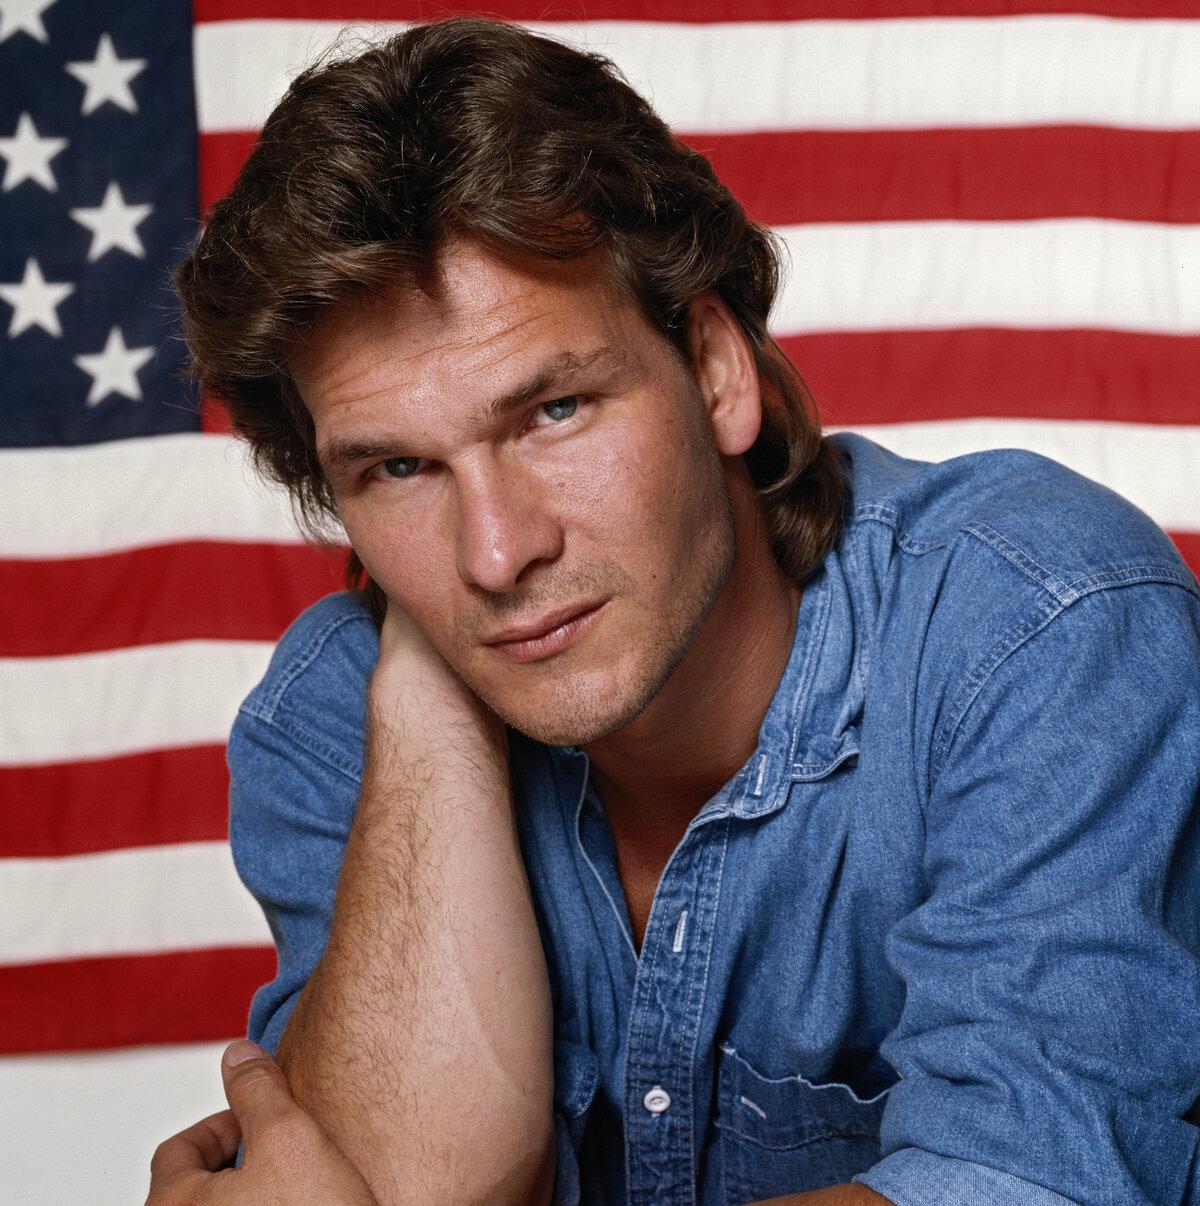 ламинат смотреть актеров американски по картинках мой салон станет